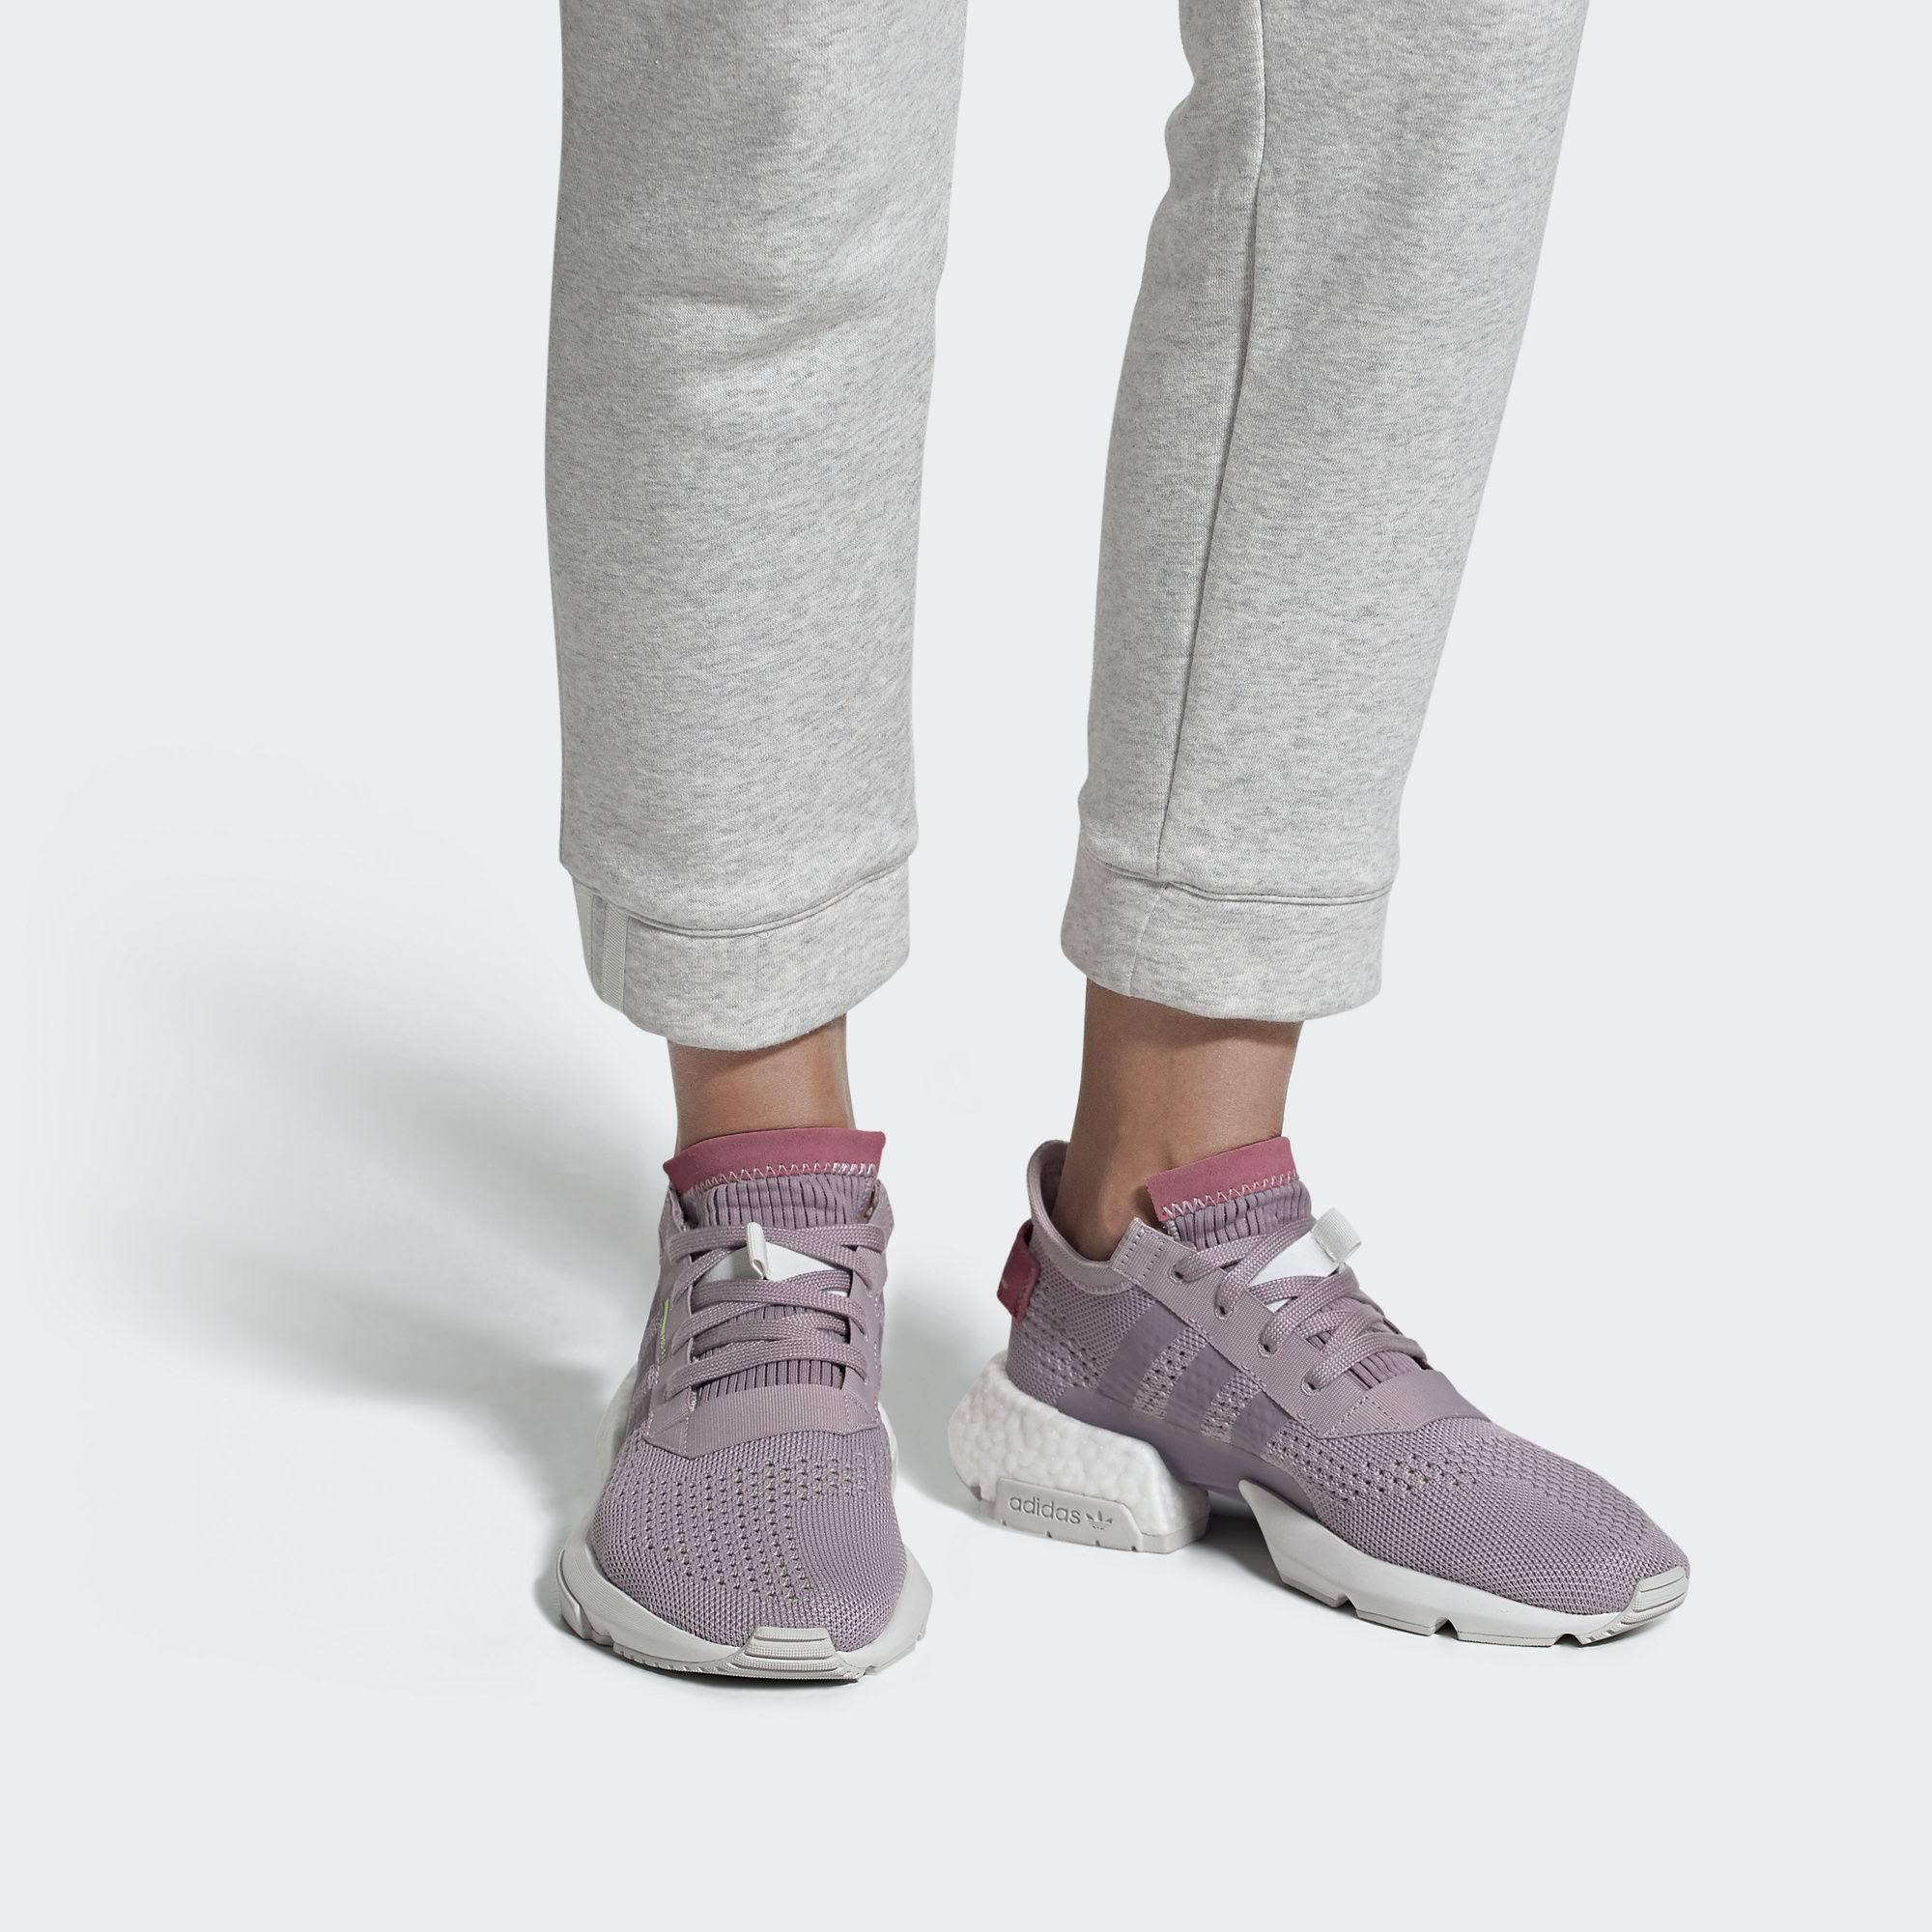 Casual ShoesPurpleSize 0 1 Pod Adidas Alta Originals VisionGiallo Ad Primeknit Soft Donna Risoluzione s3 7 0wNnvm8O